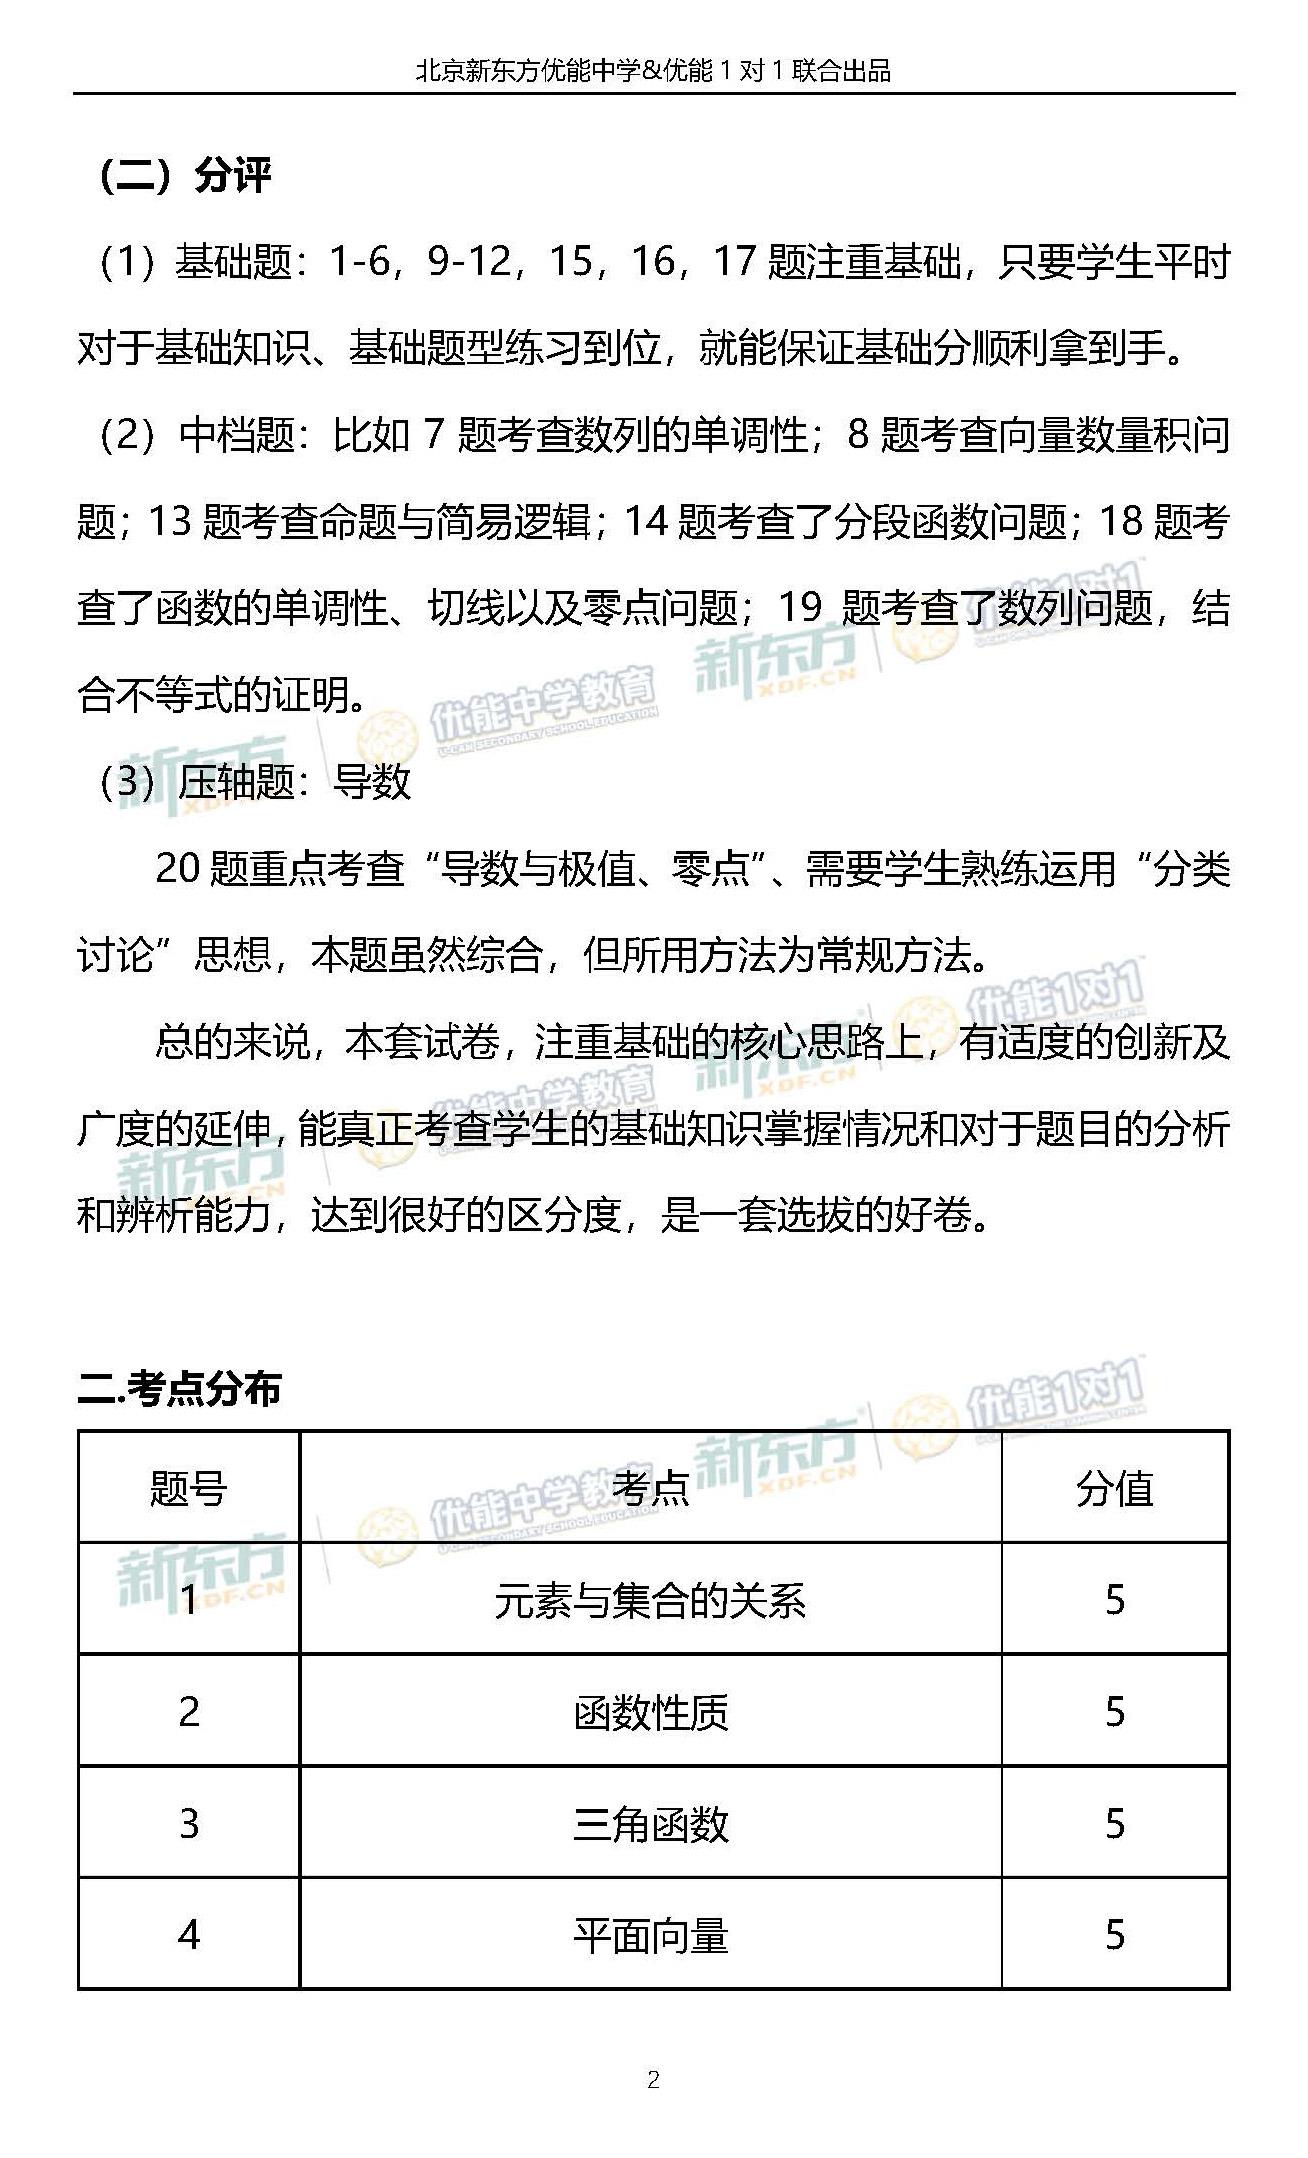 2018年北京市海淀区高三期中数学文考试整体评析(新东方版)